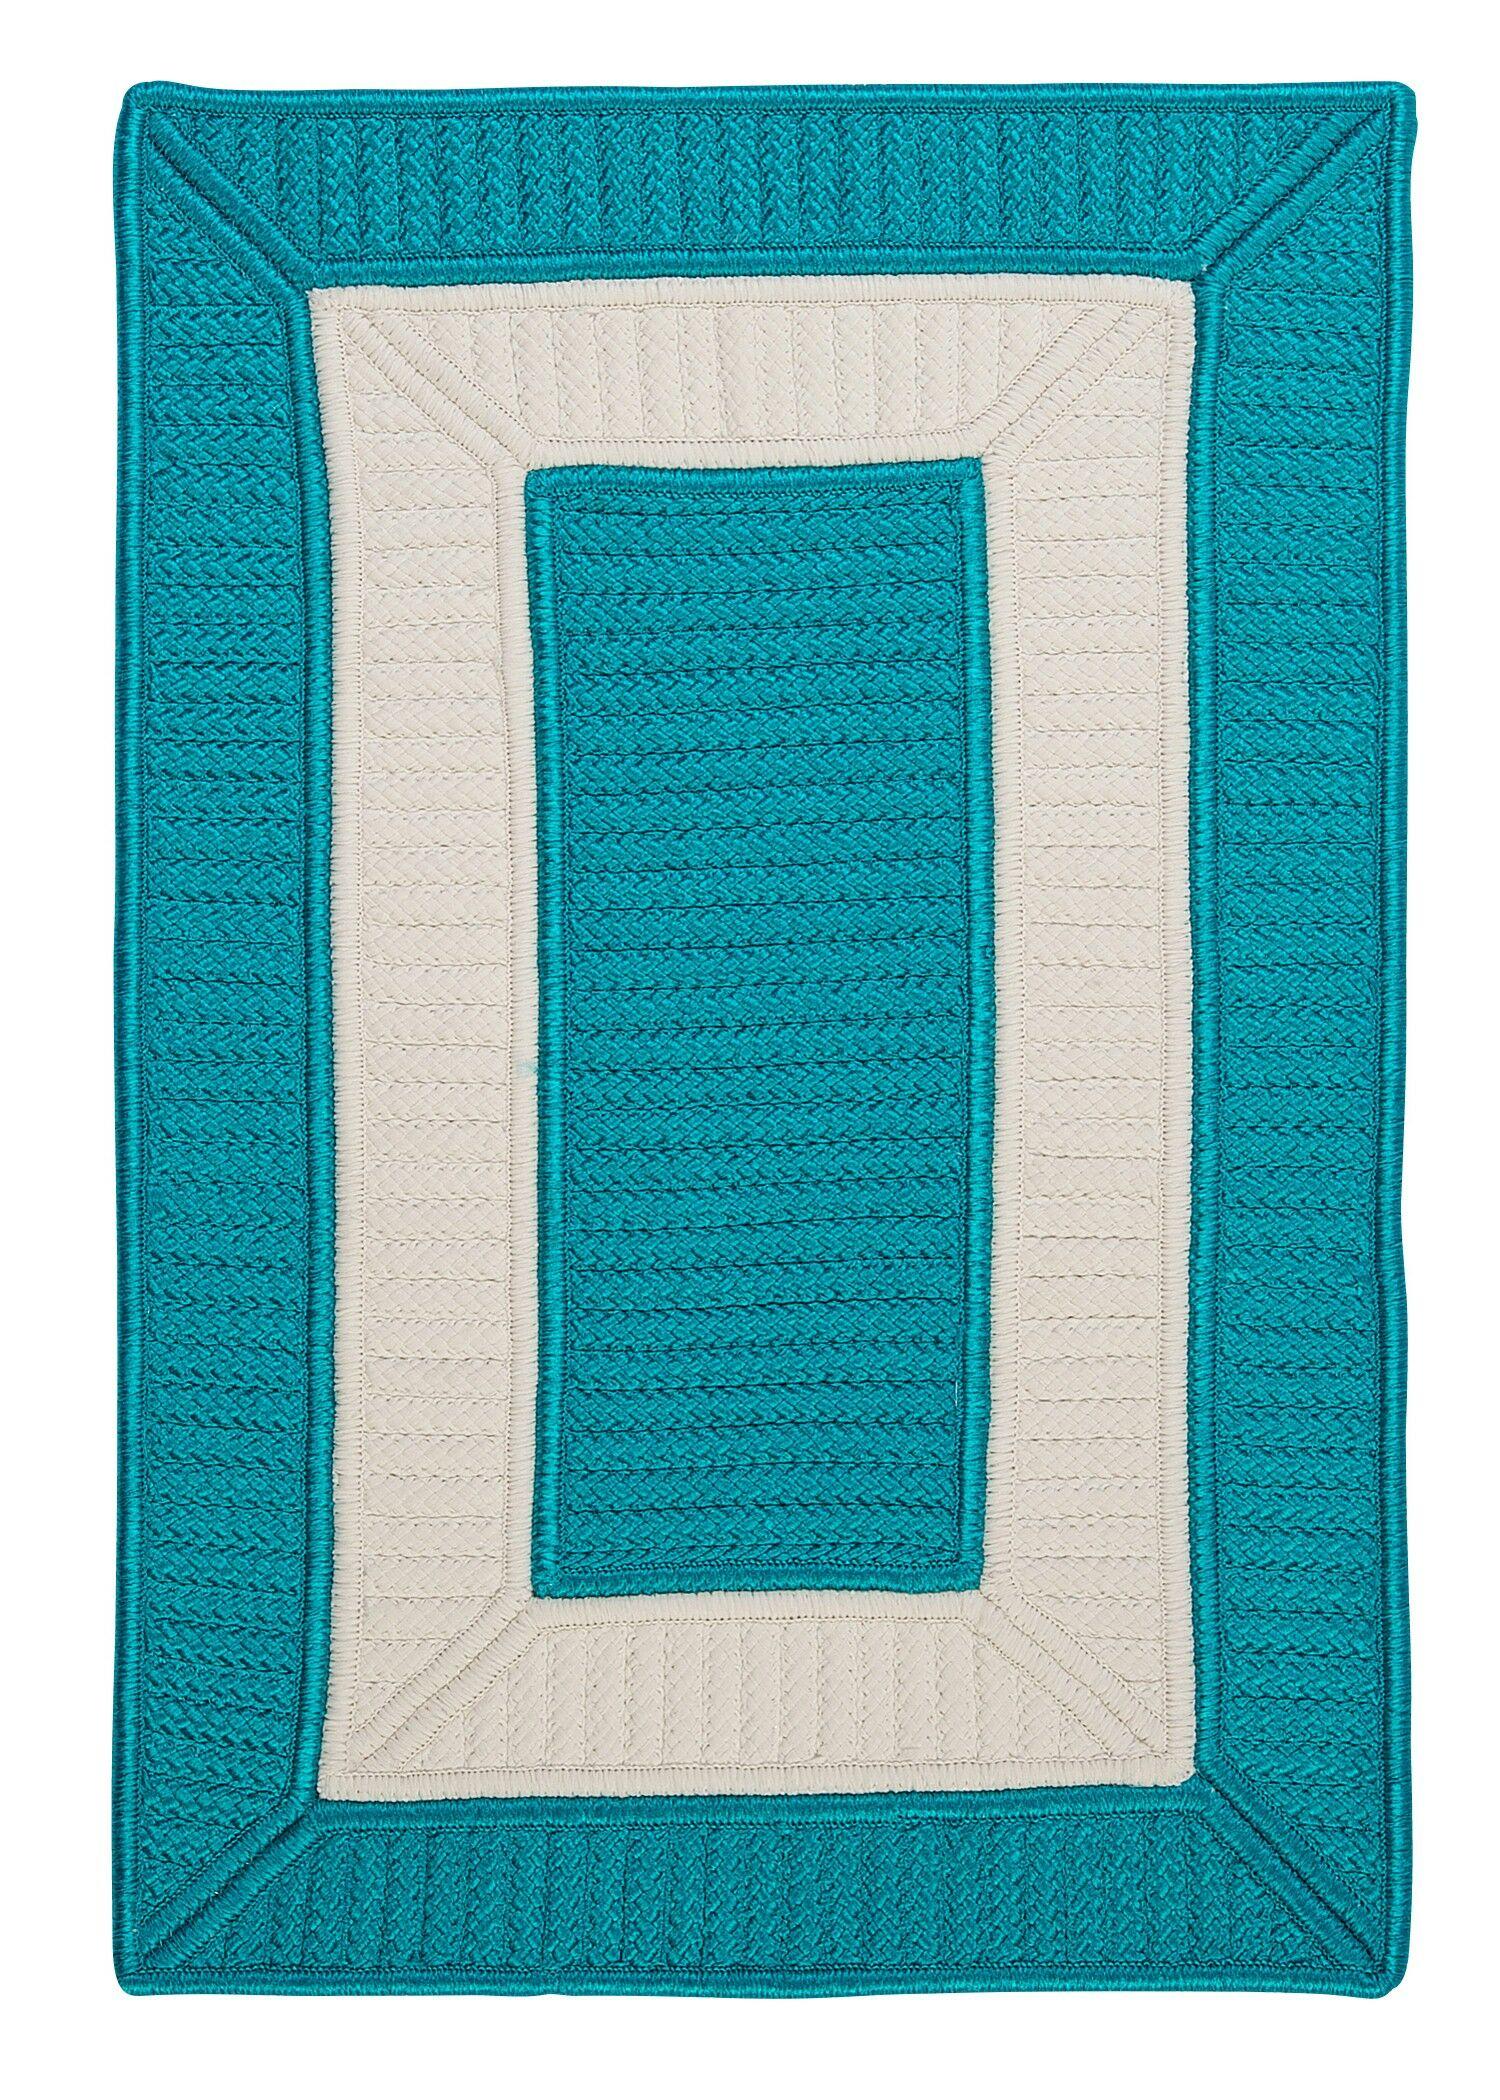 Kenton Blue Indoor/Outdoor Area Rug Rug Size: Runner 2' x 8'